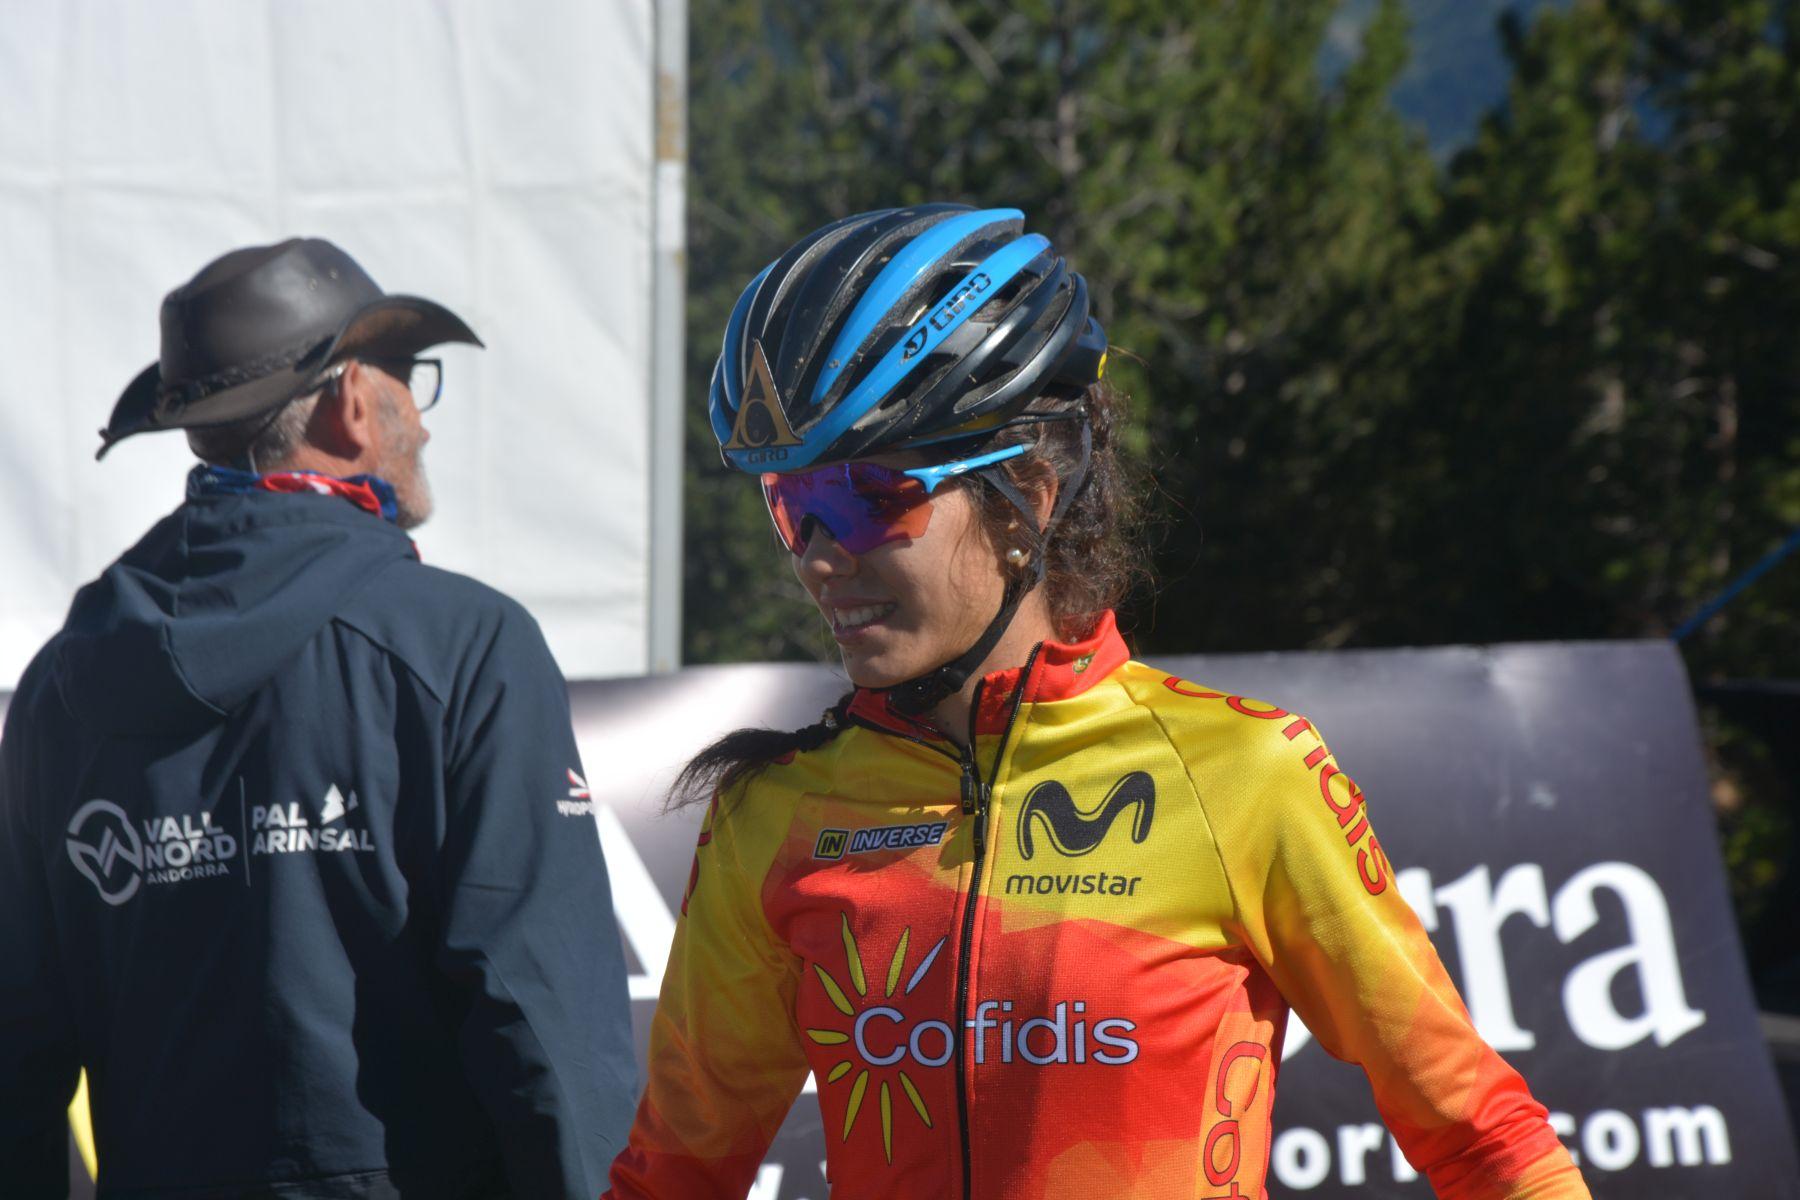 María Rodríguez realizó un carrerón en Vallnord para rozar el top-10 con su 11ª posición. Con la 4ª plaza de Rocío de Alba muestran que hay futuro en la categoría femenina. Magda Duran es otra de las bikers con excelente proyección, a pesar de no tener su mejor carrera en Vallnord.